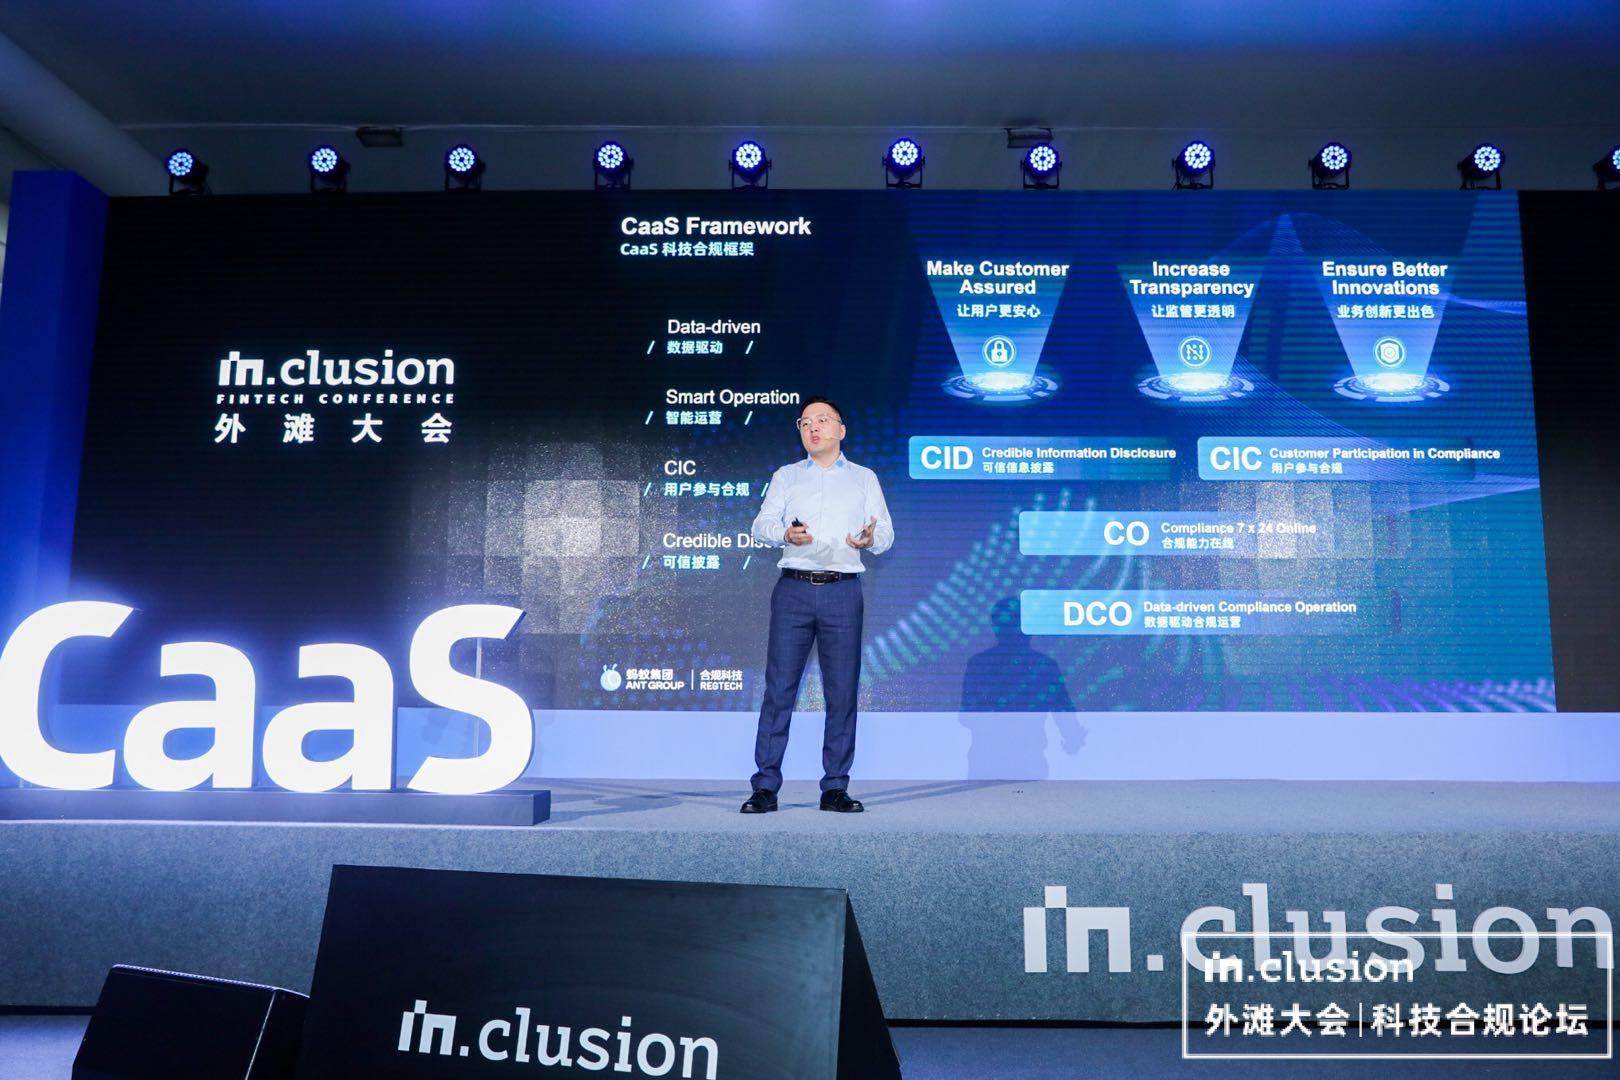 蚂蚁集团合规科技部技术总监王明利介绍CaaS